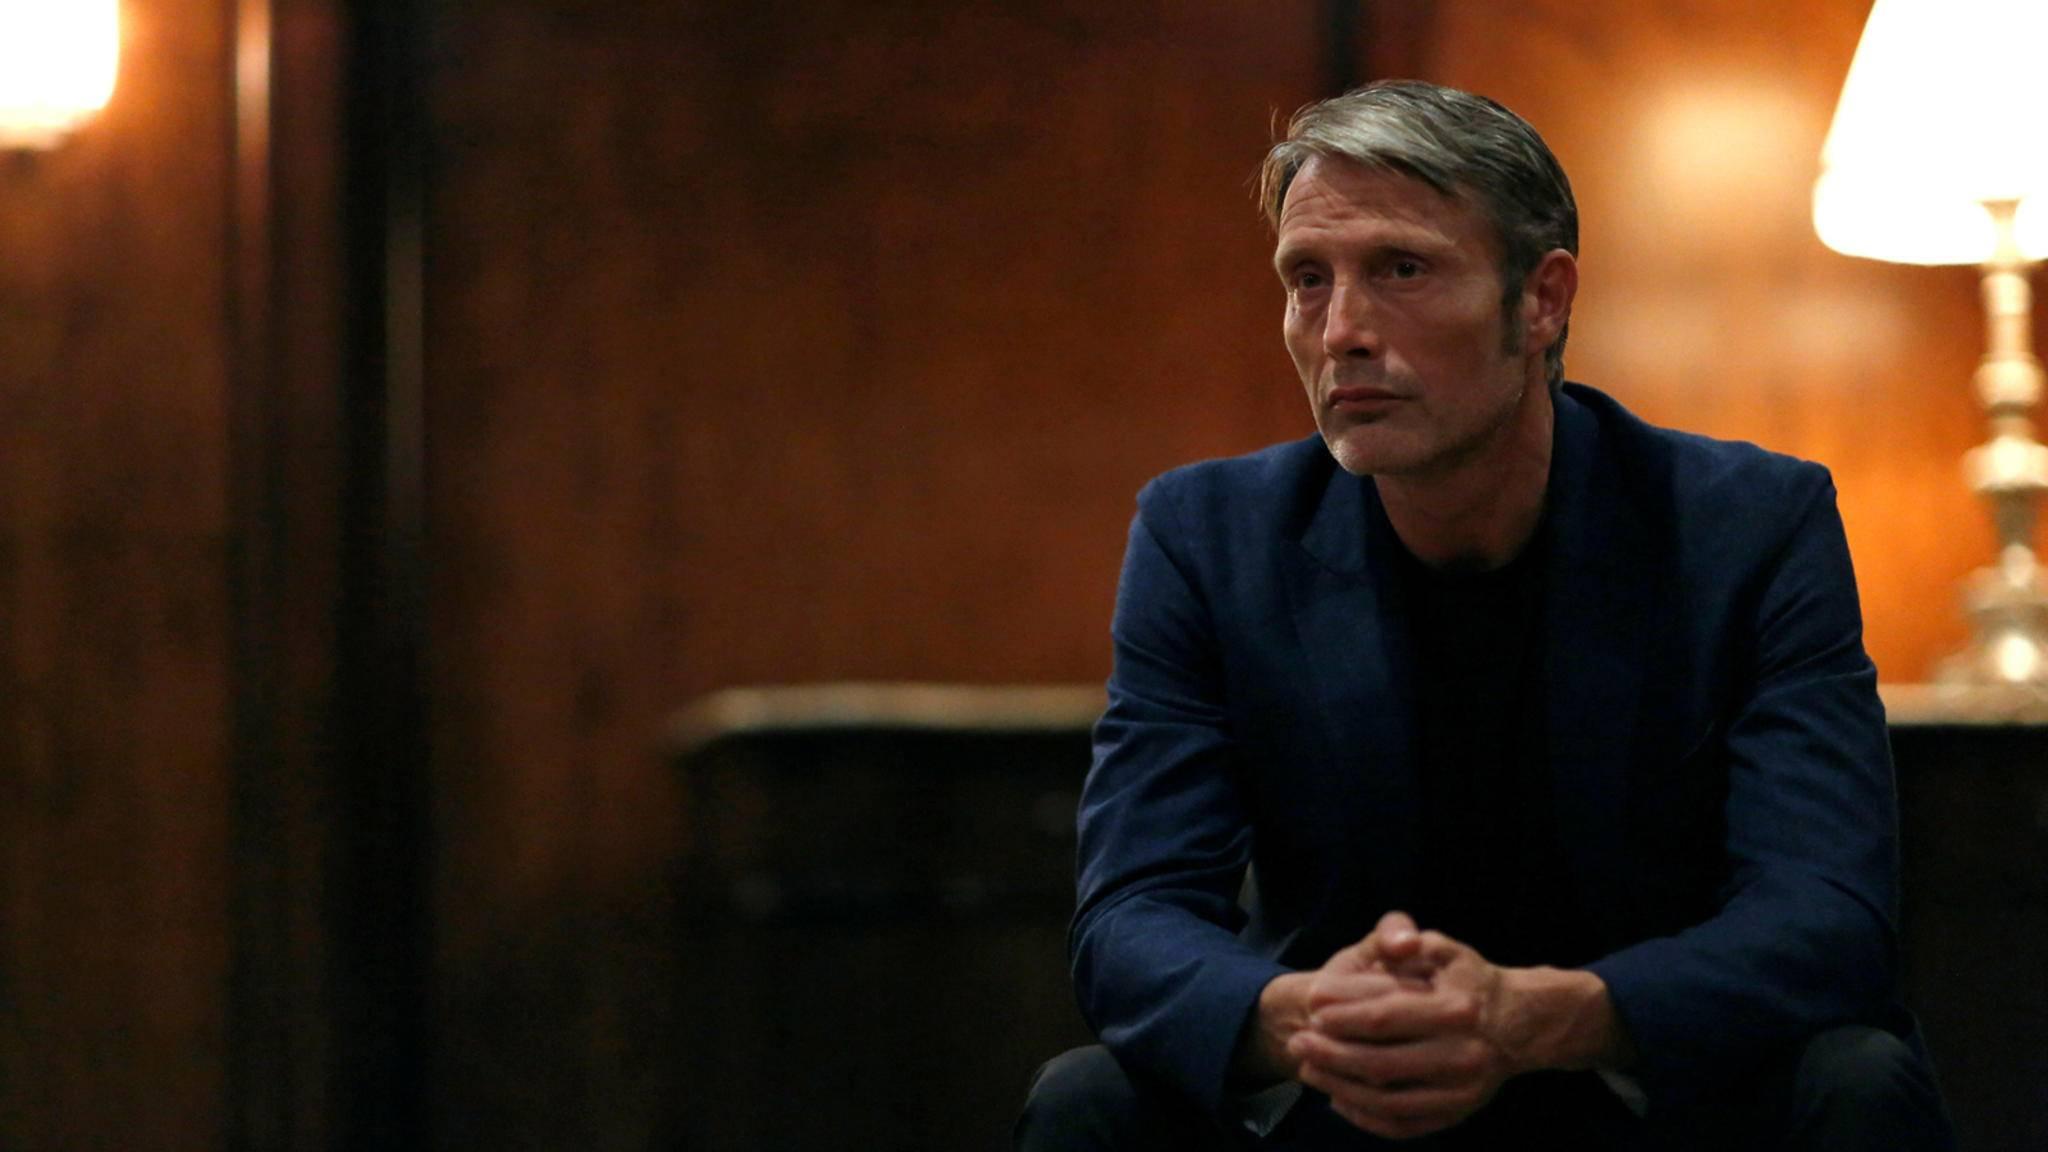 Als dänischer Journalist reist Mads Mikkelsen bald mit seiner Filmtochter durch die USA.